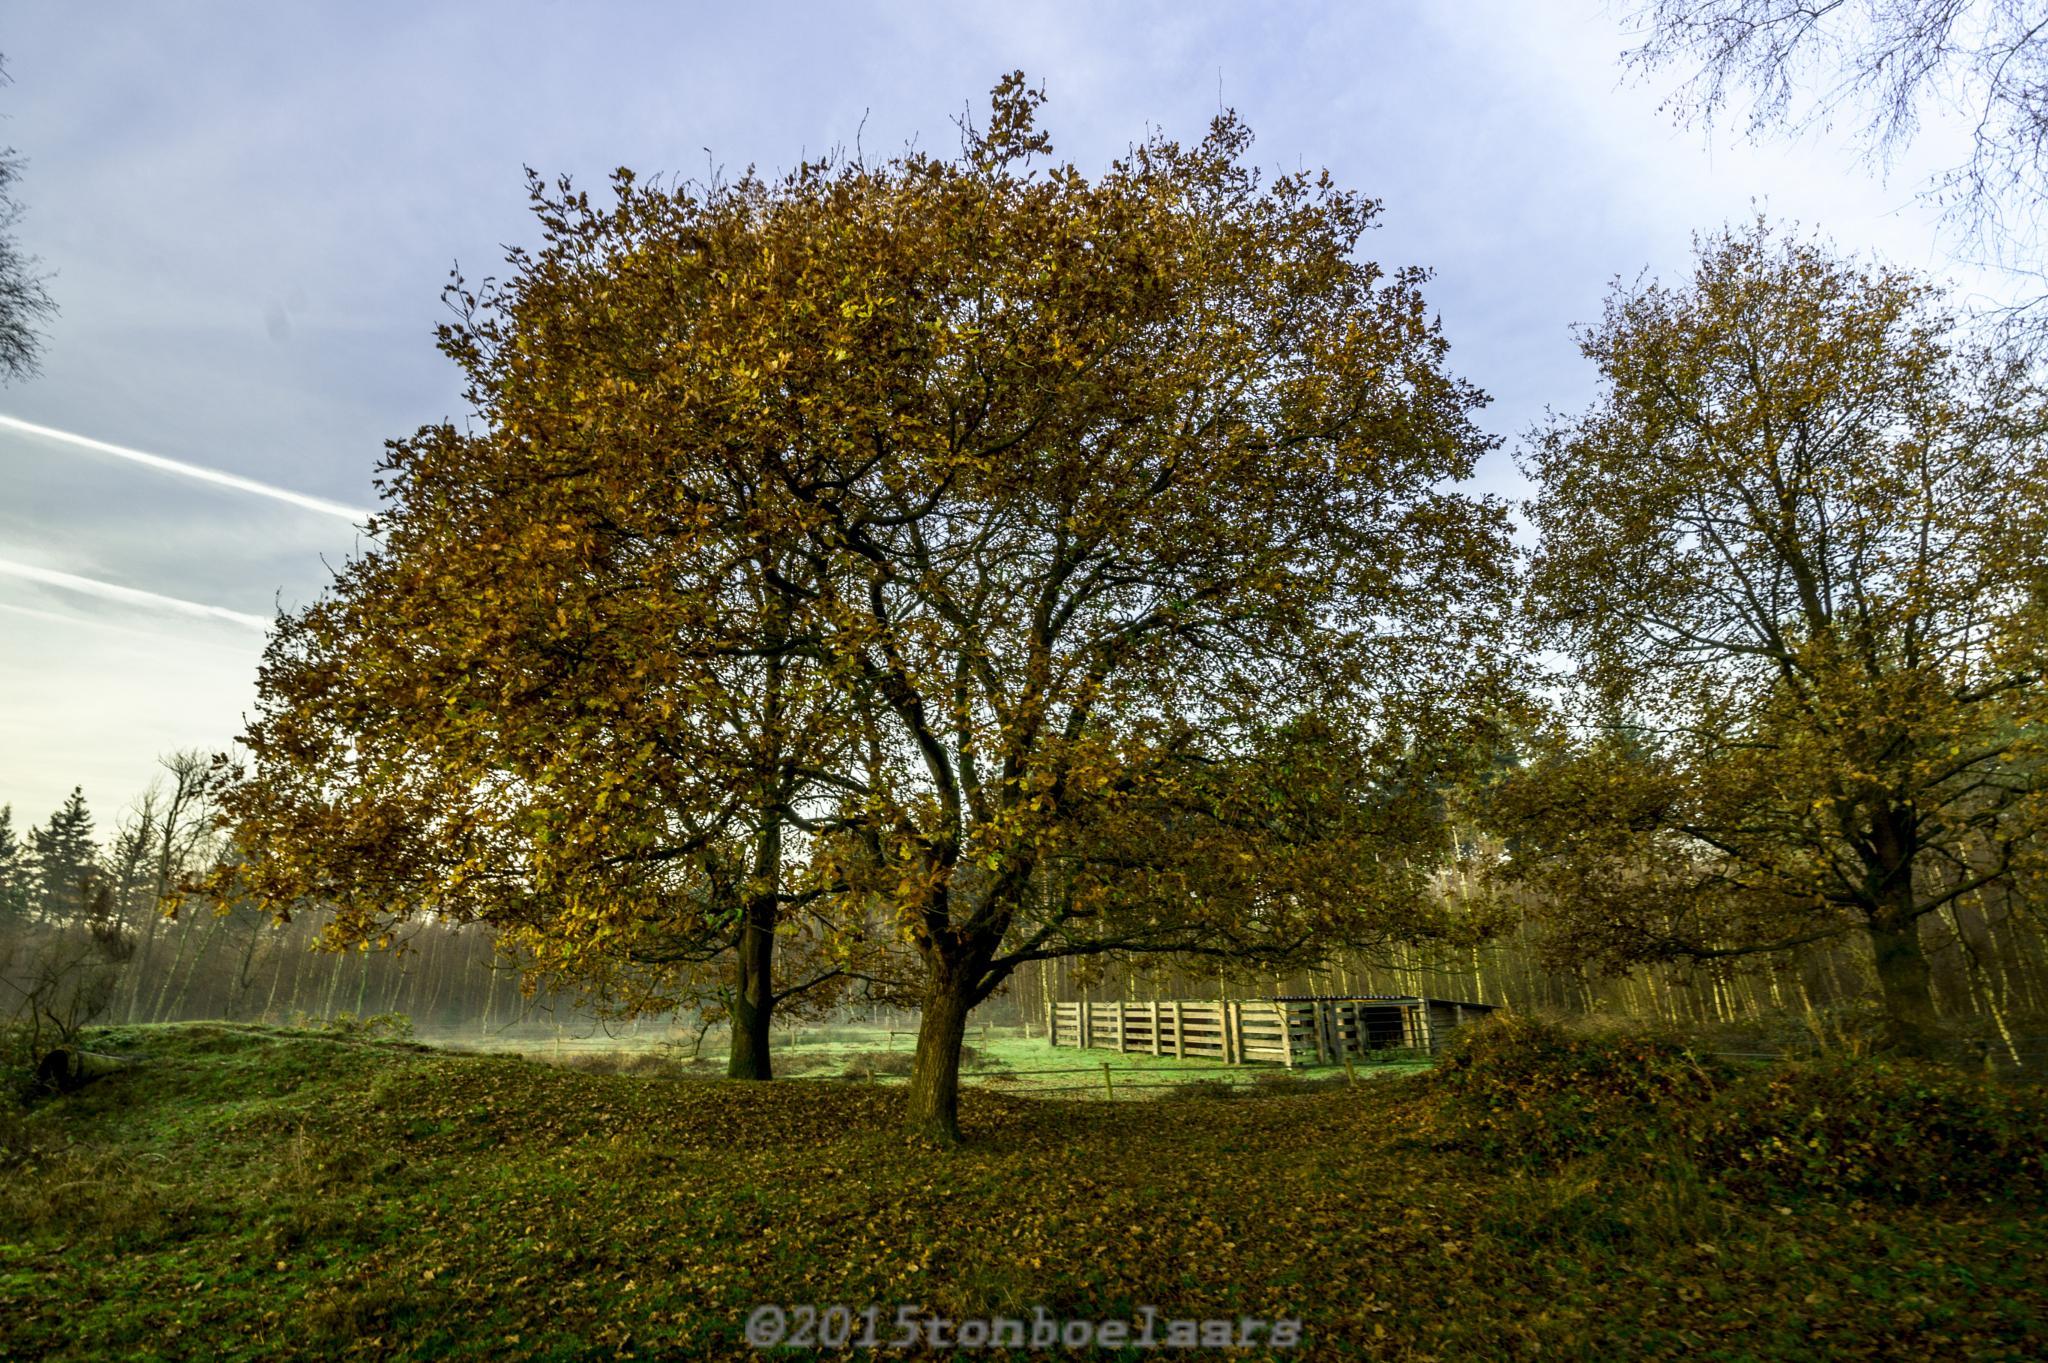 herfst by TonBoelaars